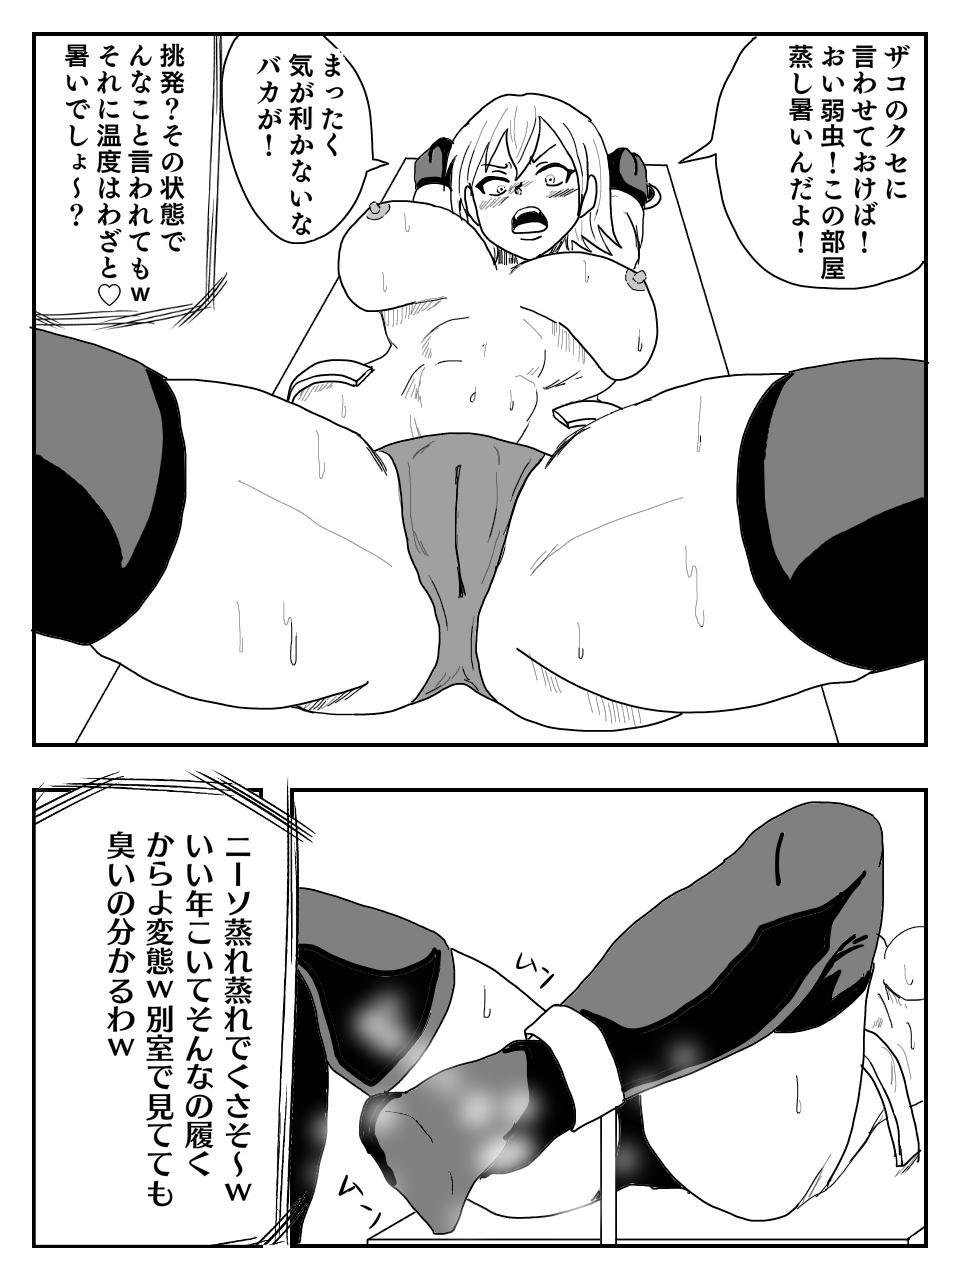 Kutsujoku Kusuguri Goumon Manga-fuu 2